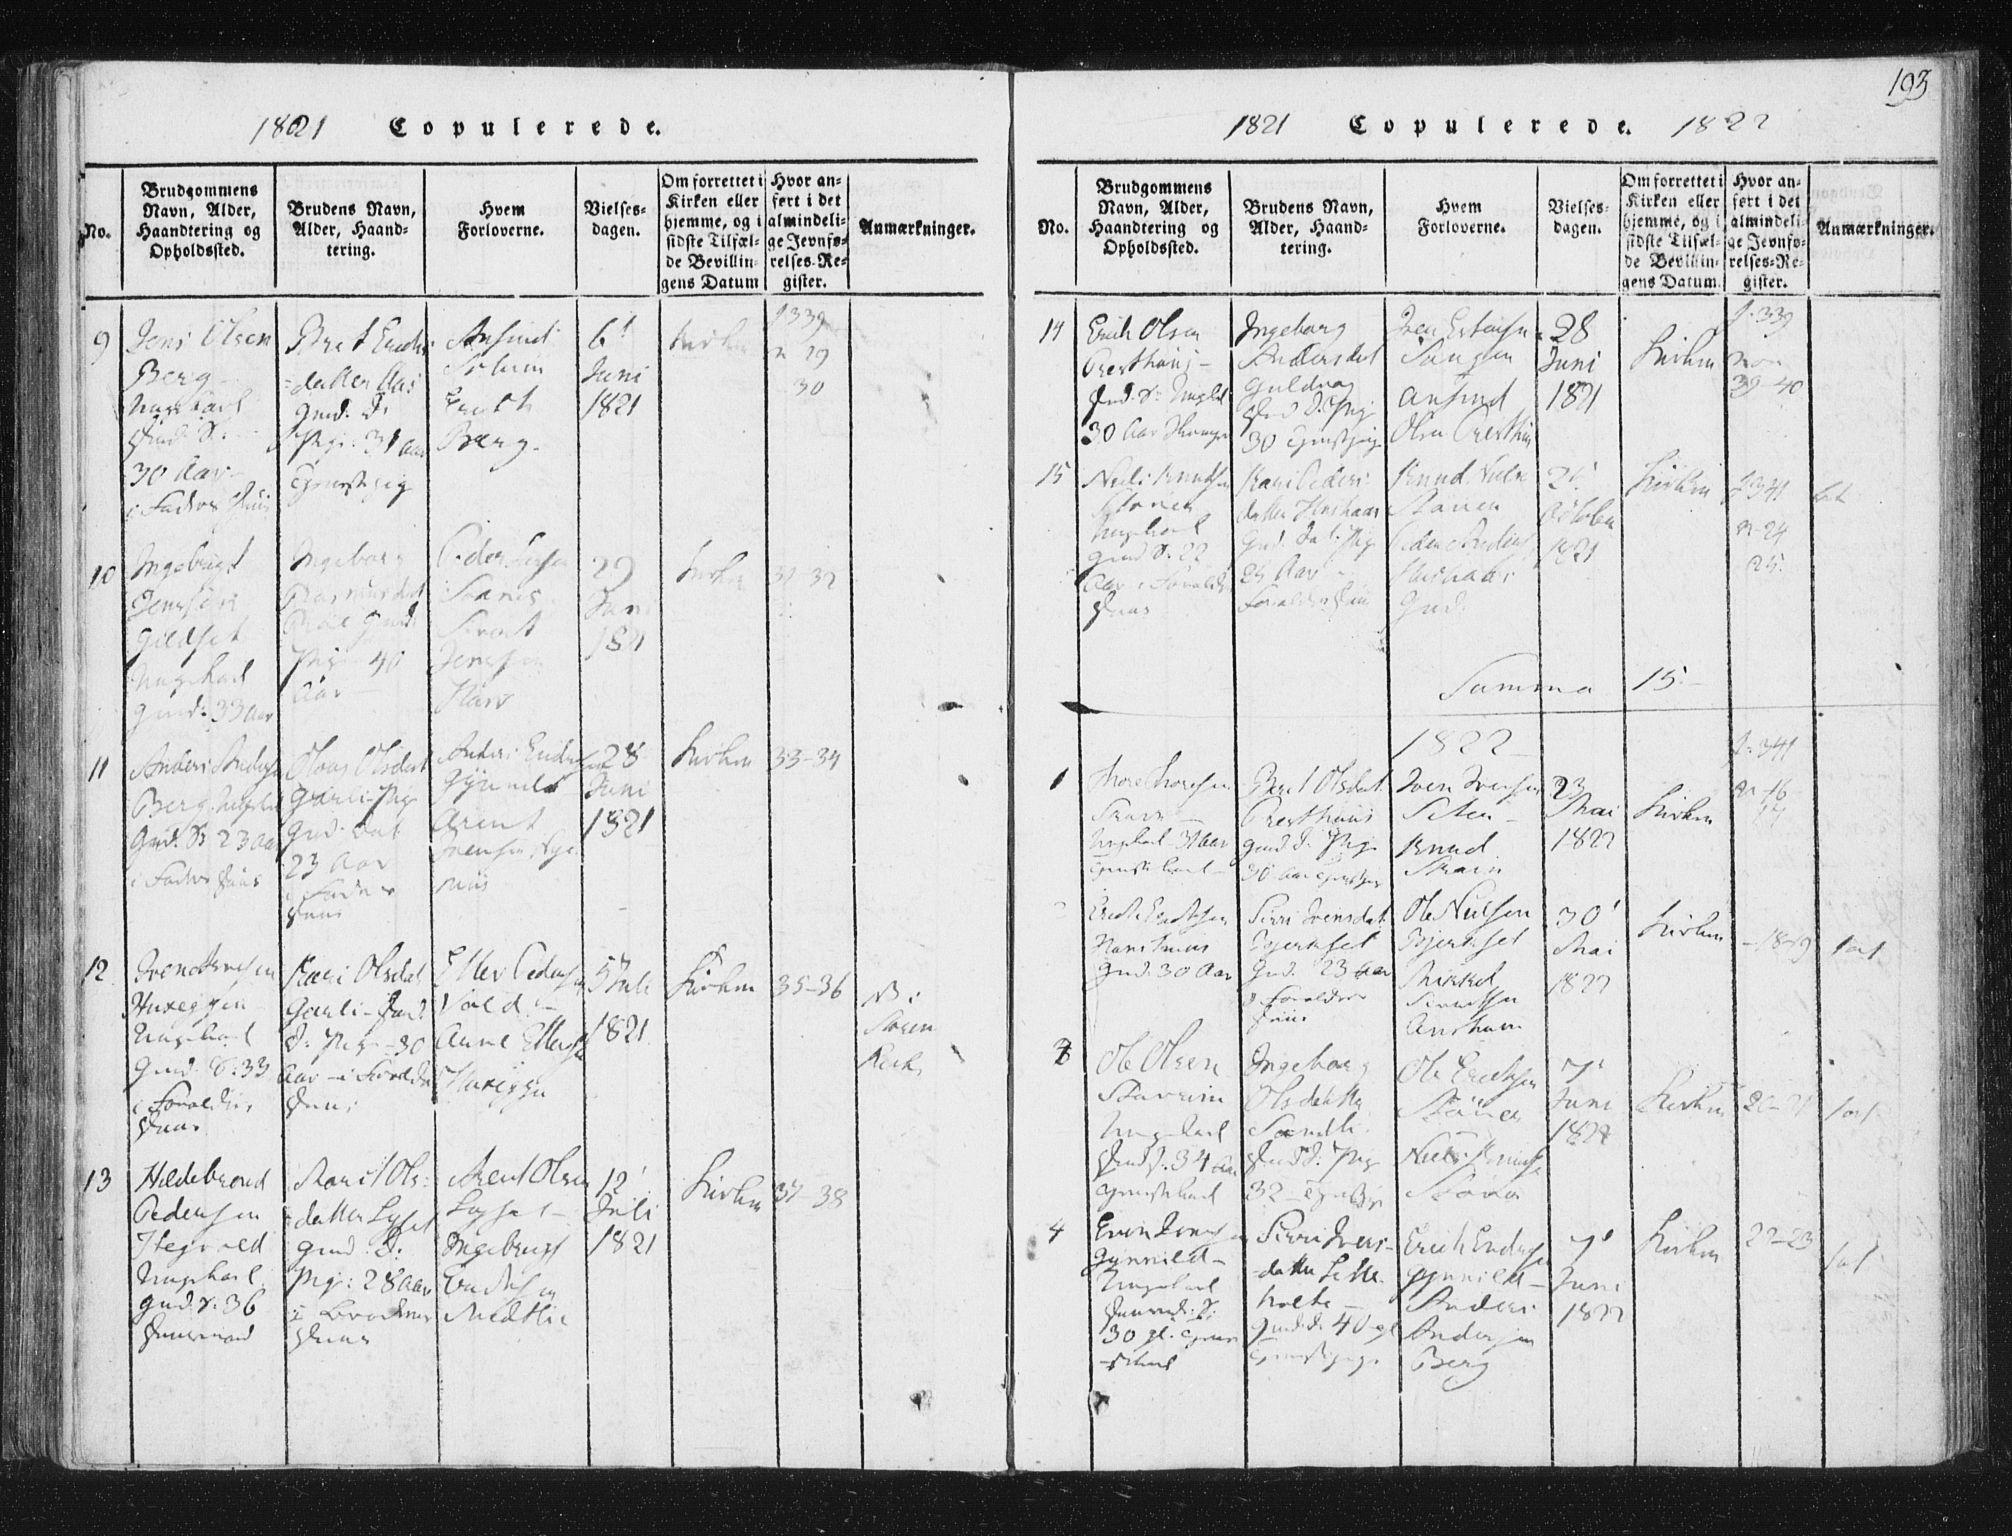 SAT, Ministerialprotokoller, klokkerbøker og fødselsregistre - Sør-Trøndelag, 689/L1037: Ministerialbok nr. 689A02, 1816-1842, s. 193